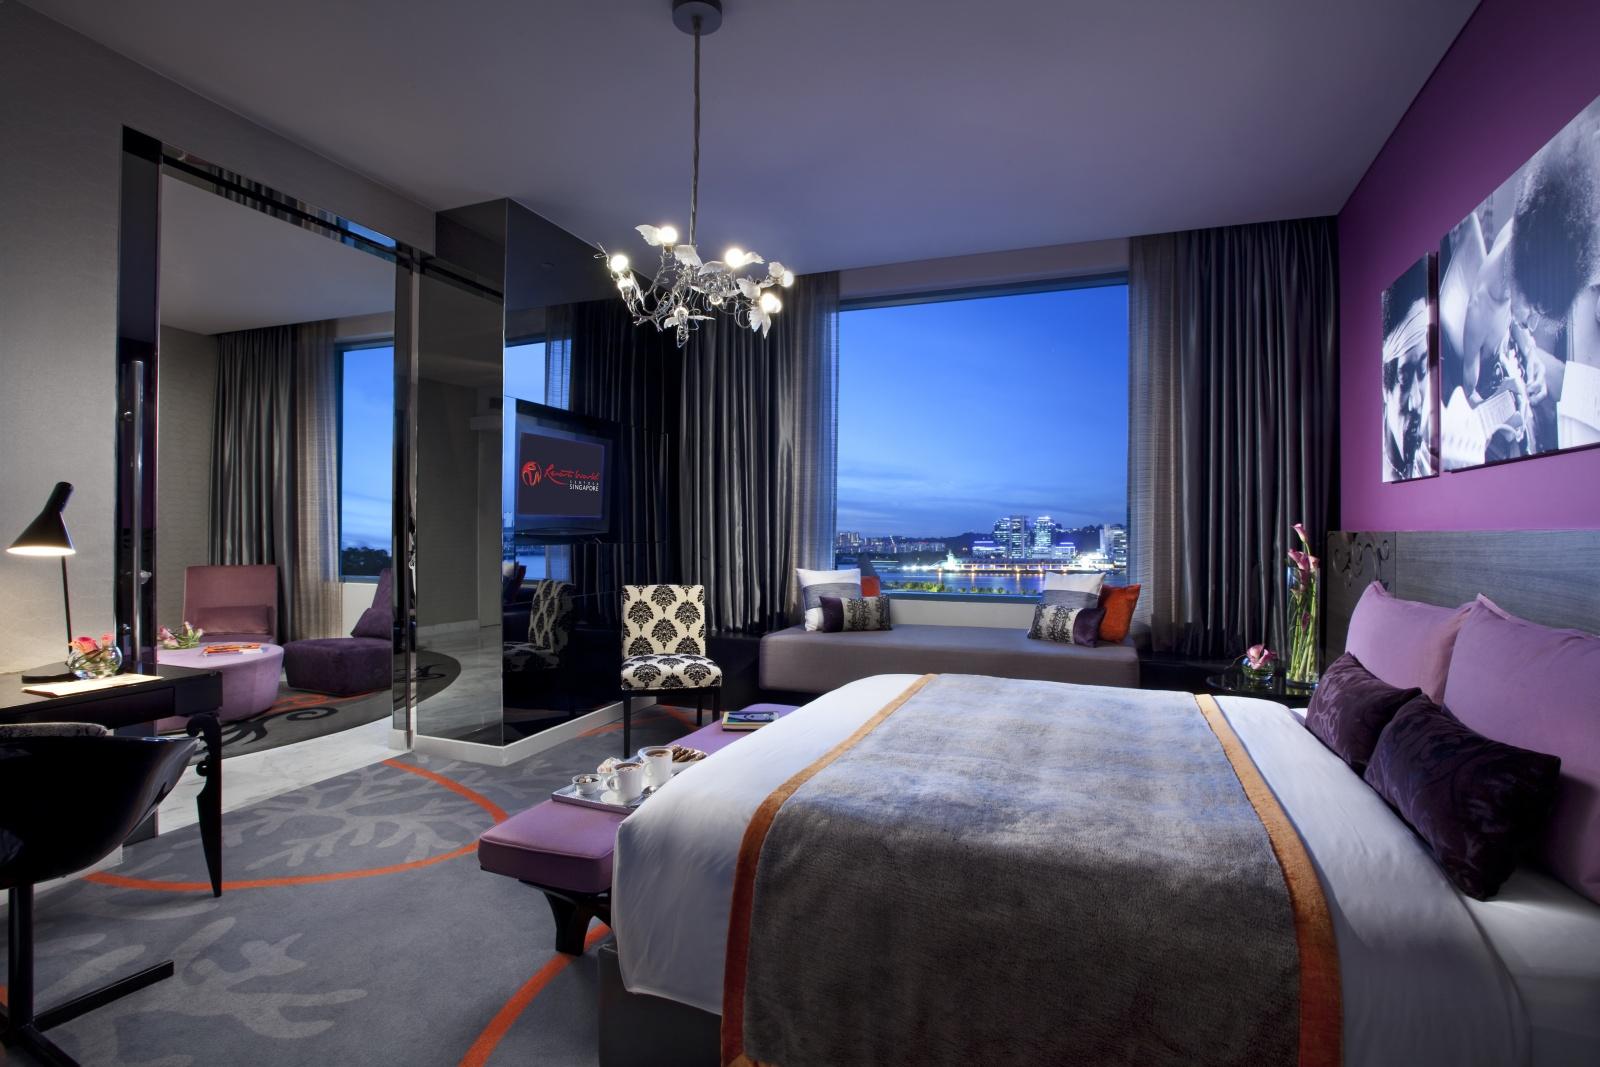 equarius hotela deluxe room. Equarius Hotel Deluxe Suites. Hard Rock Suites Hotela Room